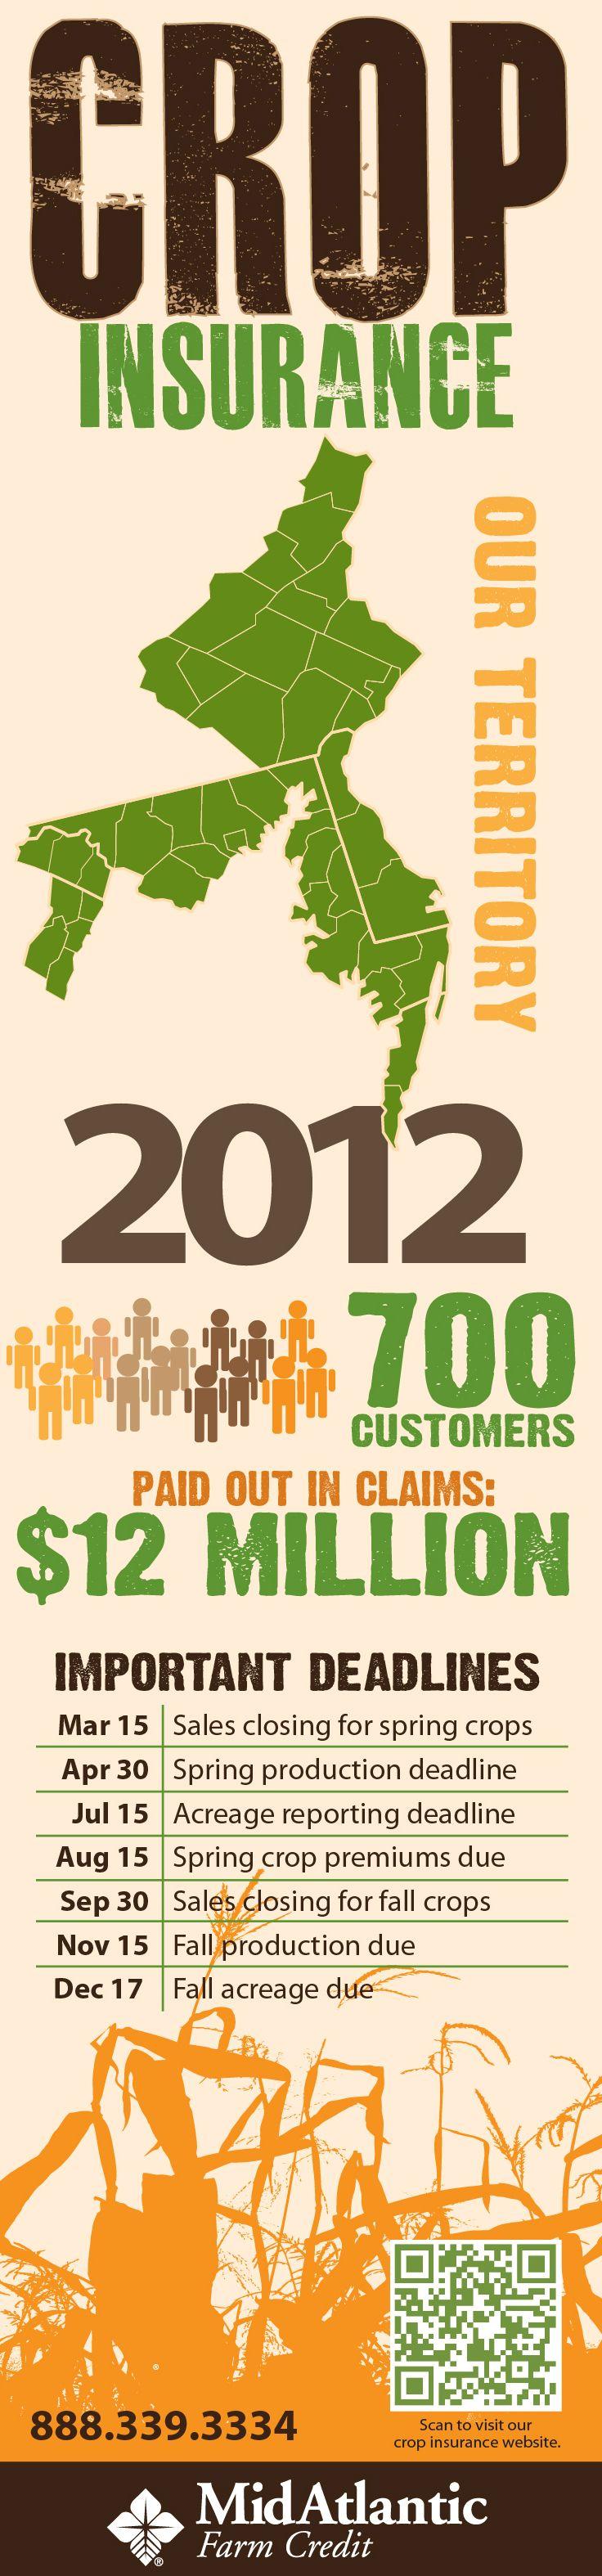 2012 Crop Insurance Information